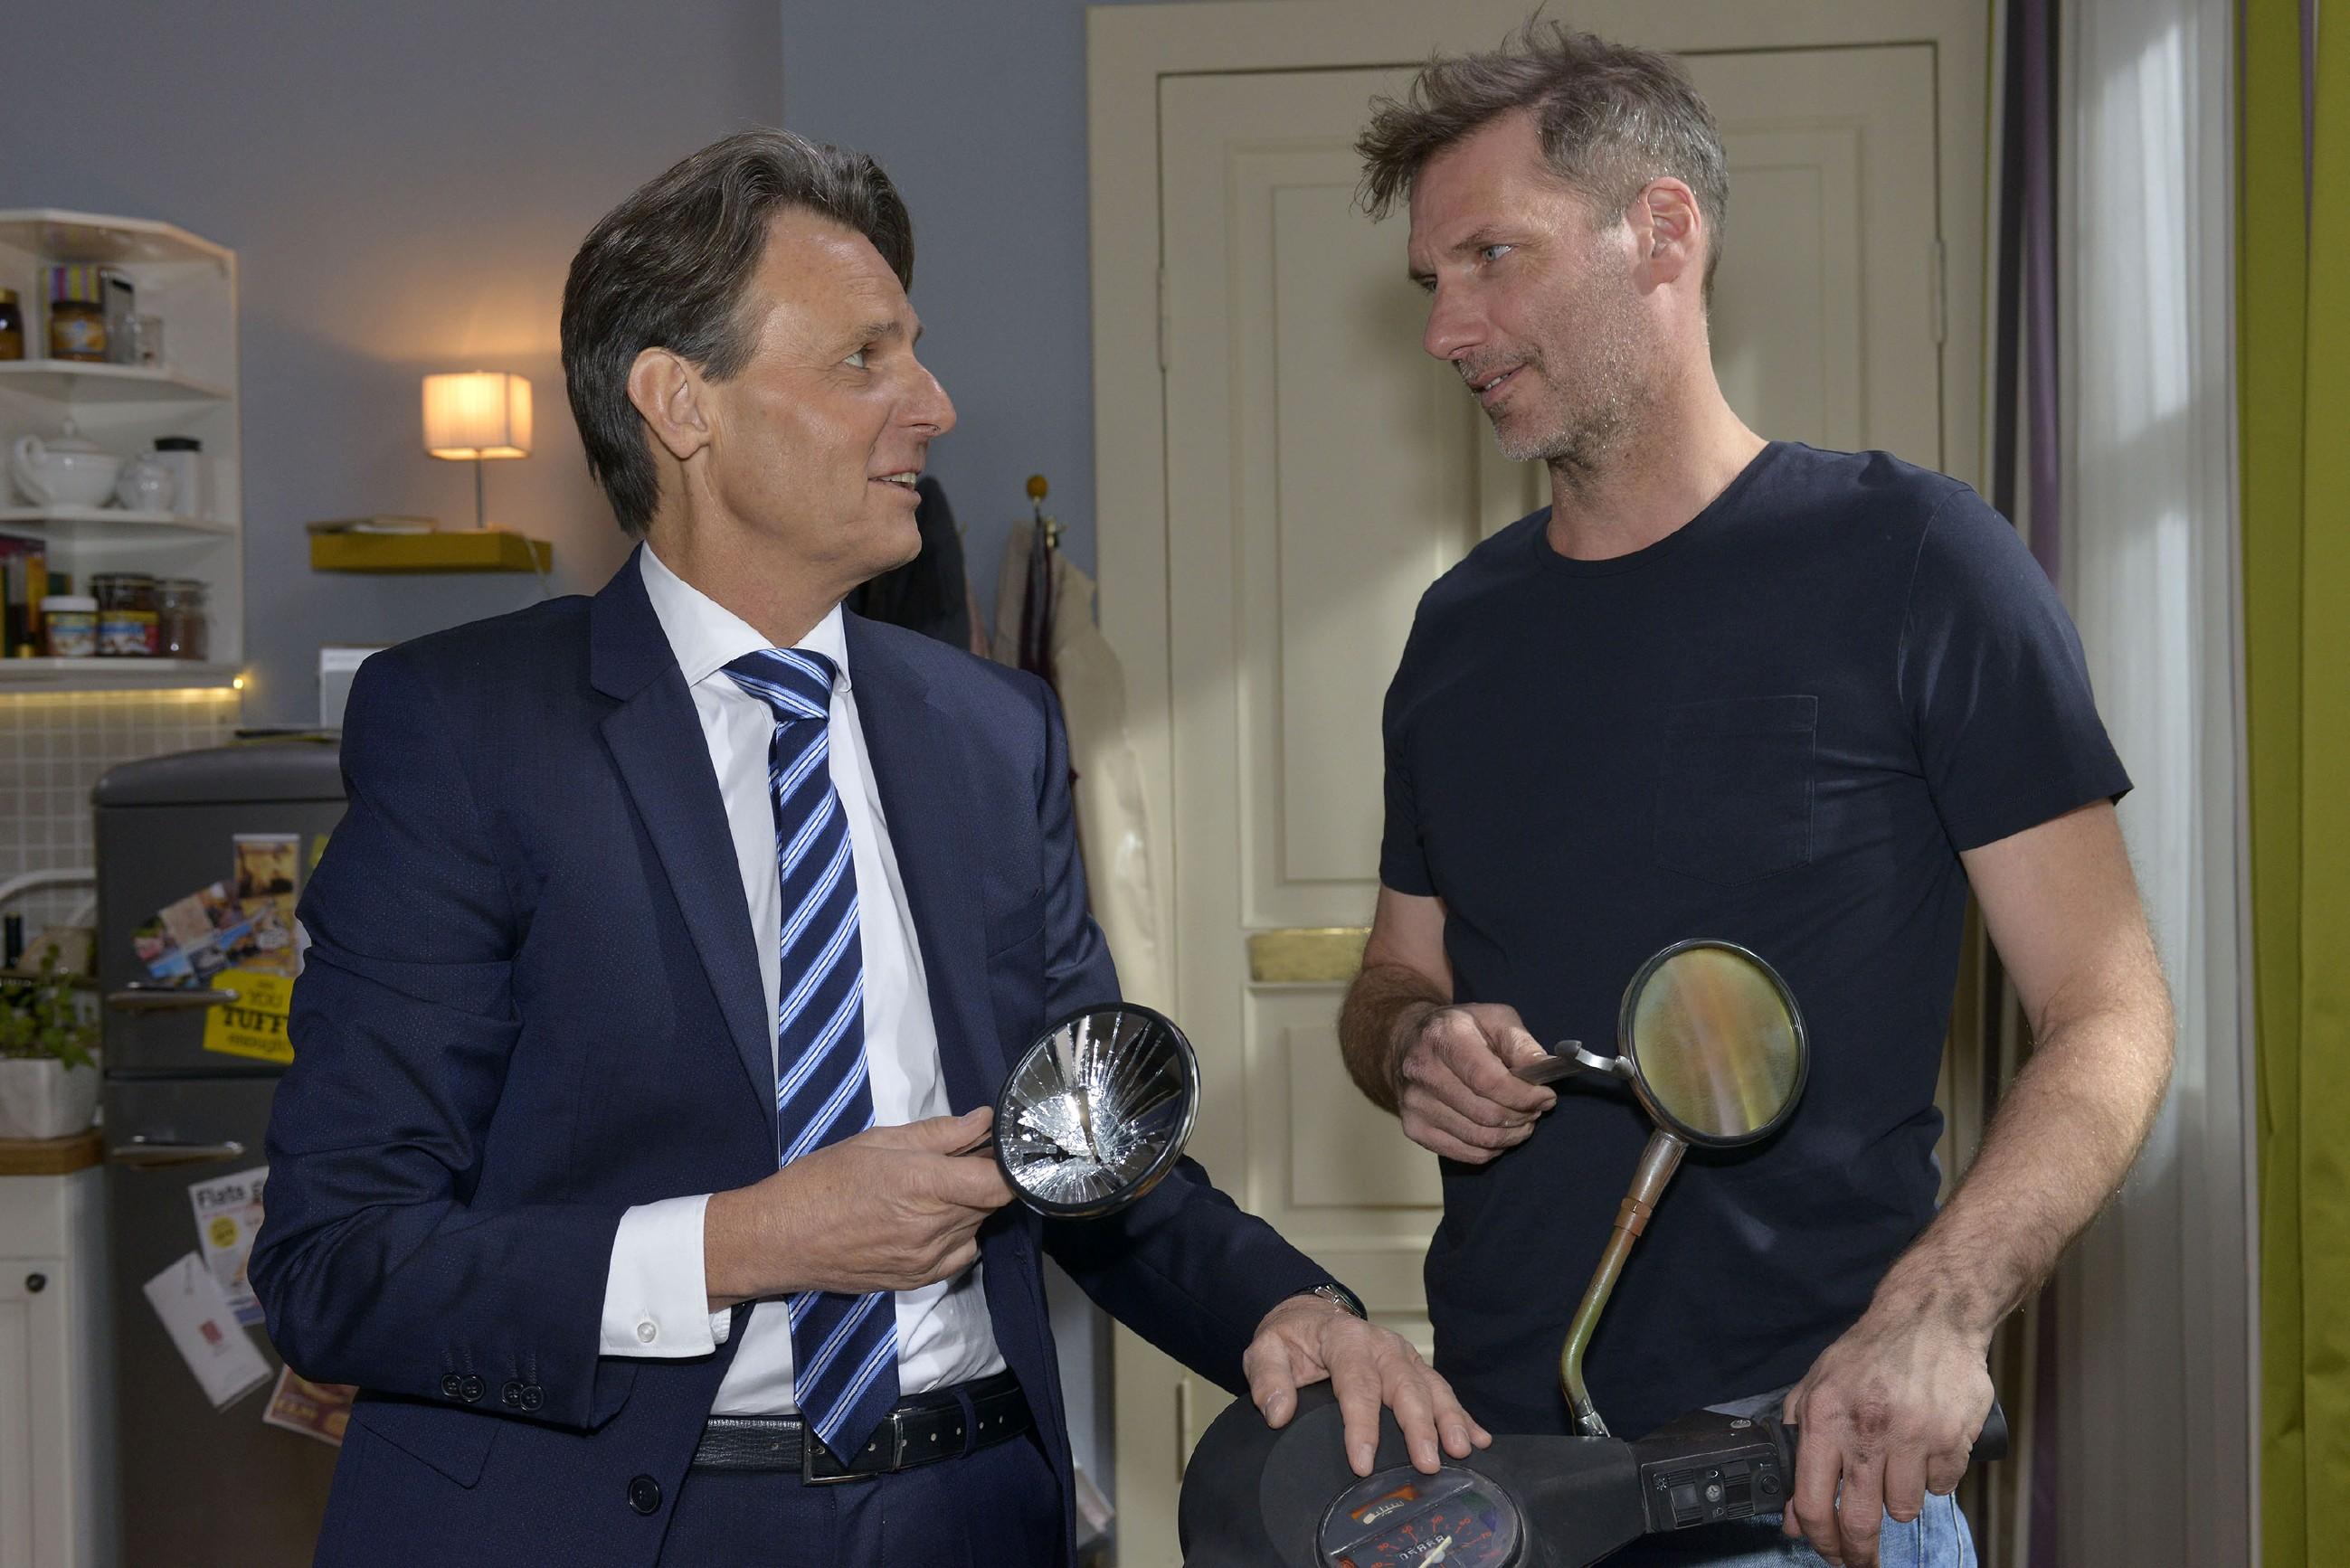 Ein Missgeschick von Gerner (Wolfgang Bahro) führt zu einem offenen Gespräch zwischen ihm und Alexander (Clemens Löhr, und bringt die alten Freunde einander wieder näher... (Quelle: RTL / Rolf Baumgartner)